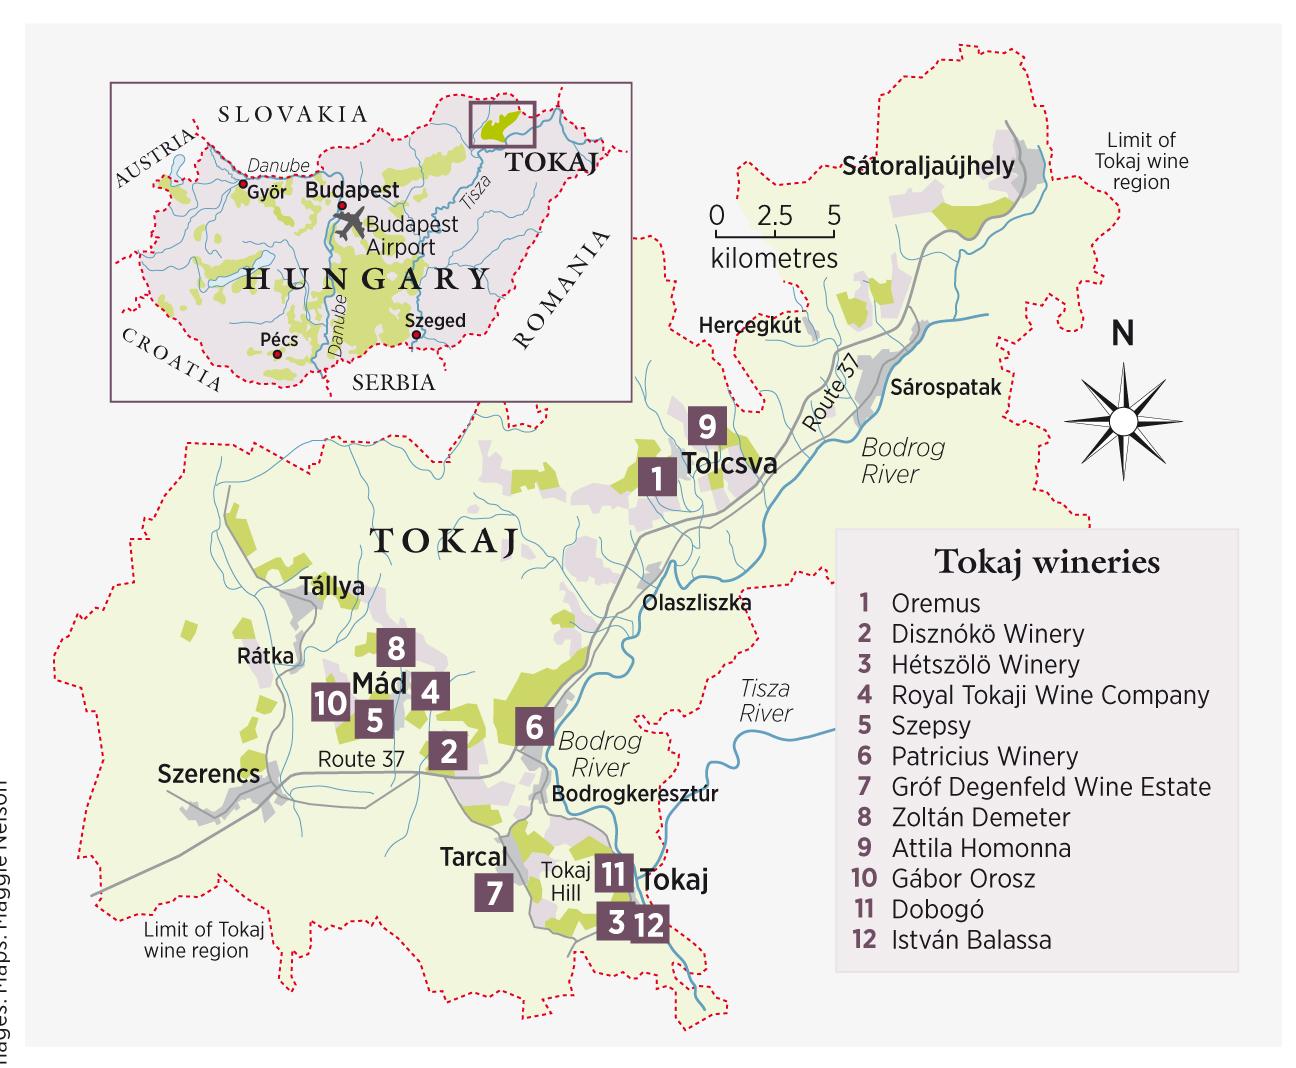 Tokaj Wine Region To Get 330m Euro Investment Decanter Com